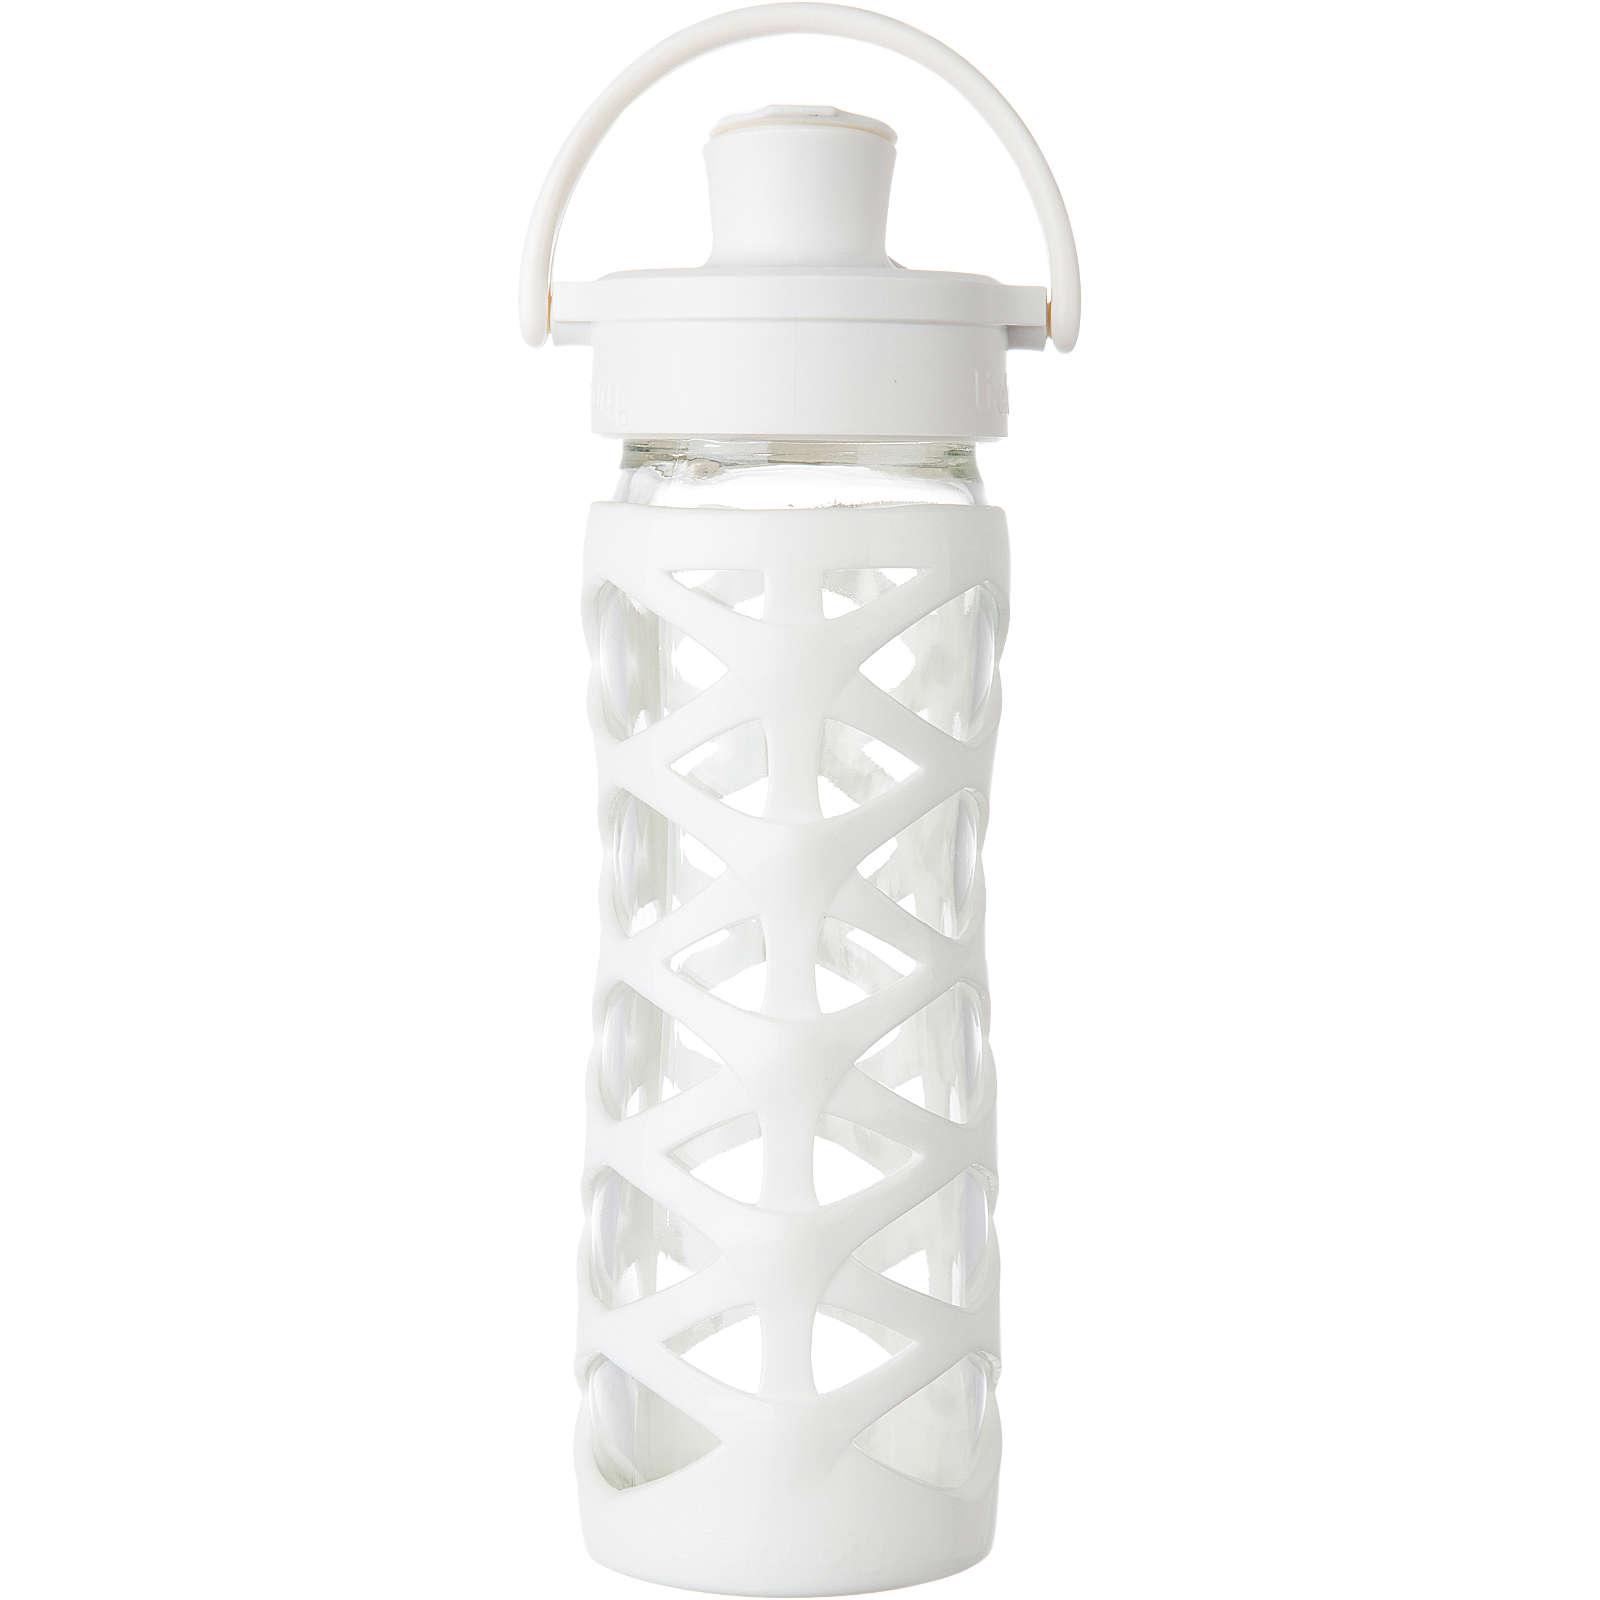 lifefactory trinkflasche glas optic white active flip cap 475 ml wei g nstig schnell einkaufen. Black Bedroom Furniture Sets. Home Design Ideas